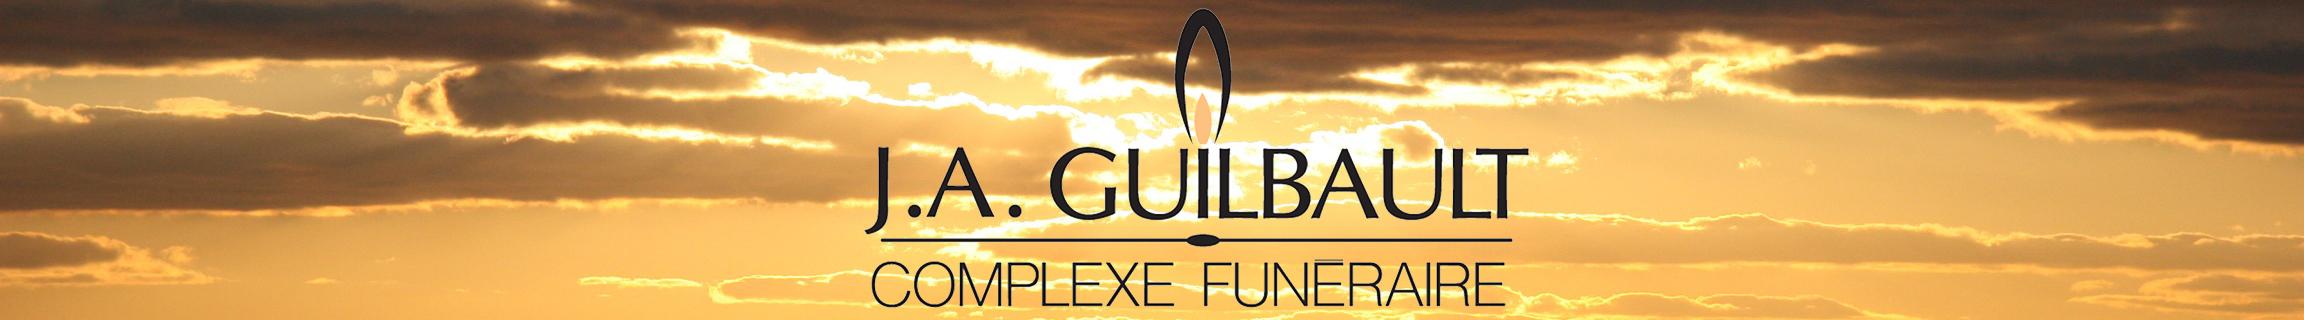 Logo du Complexe Funéraire J.A. Guilbault